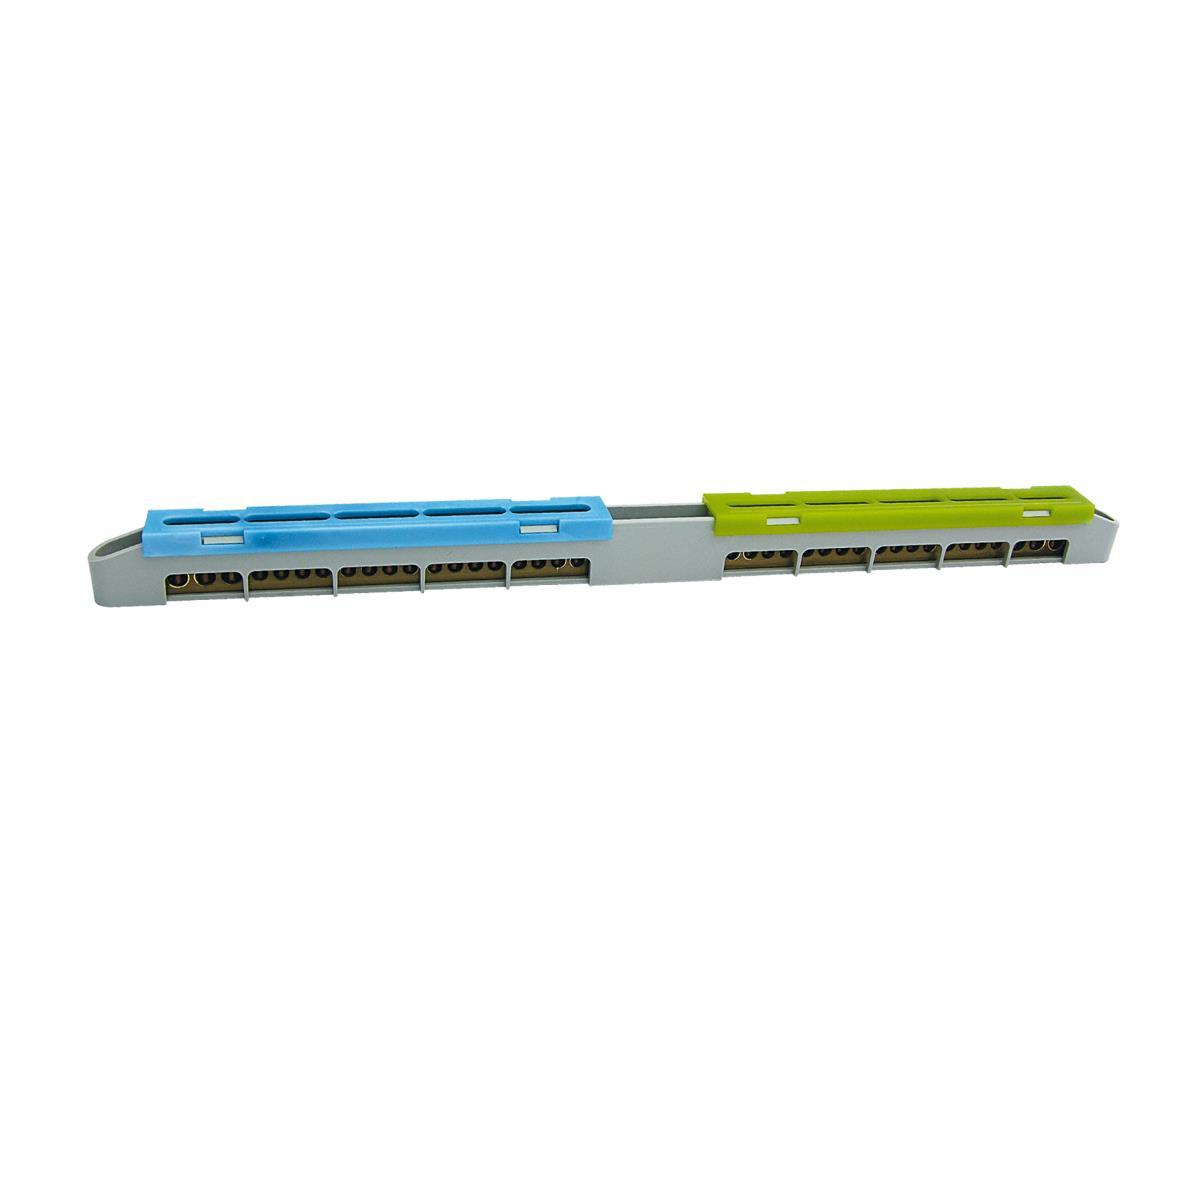 N+PE Klemme 2x19 Anschlüsse Schutzleiterklemme Sammelklemme Grau LZ-18,ELEKTRO-PLAST,47.118, 5905548287294